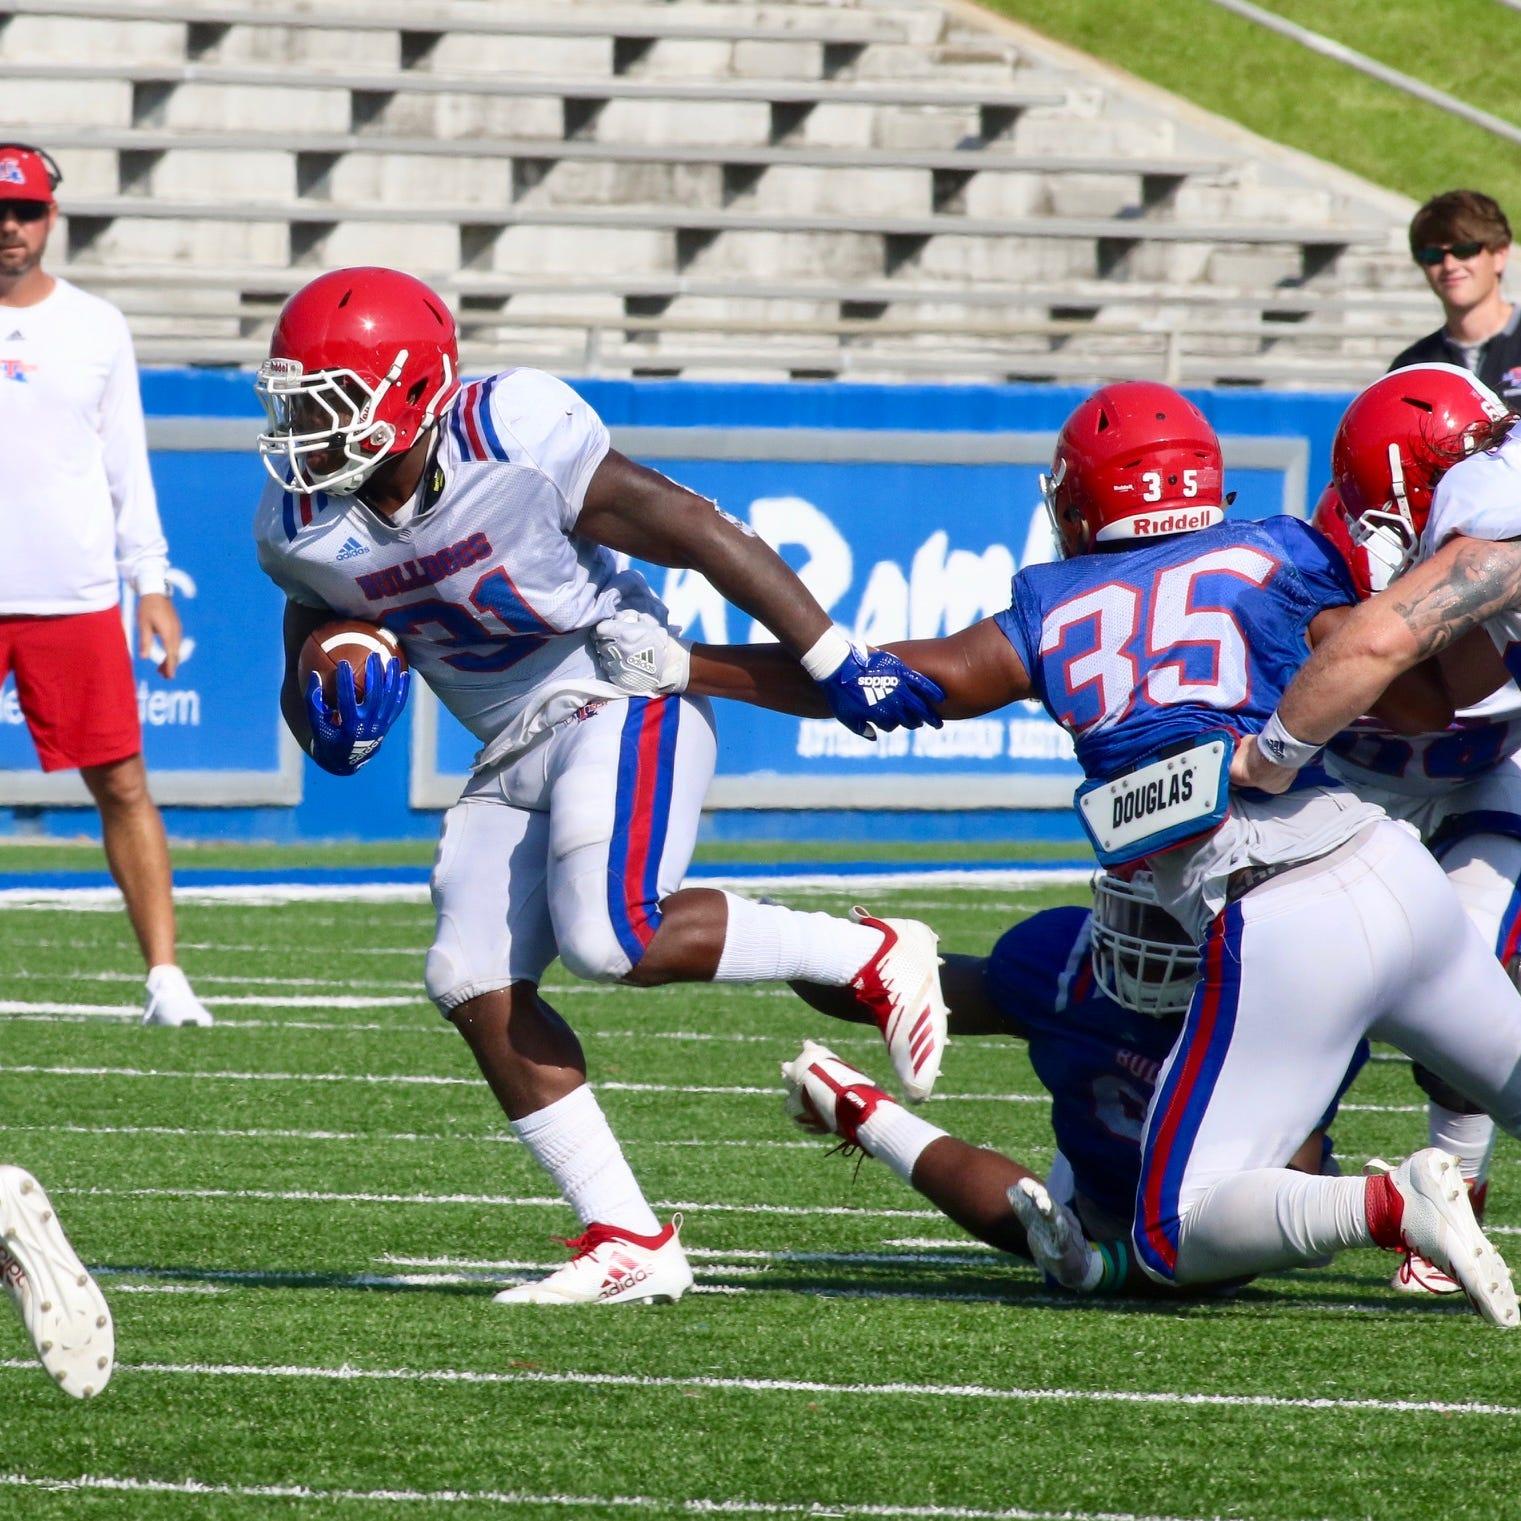 Louisiana Tech Athletics, City of Ruston partner for home football initiatives